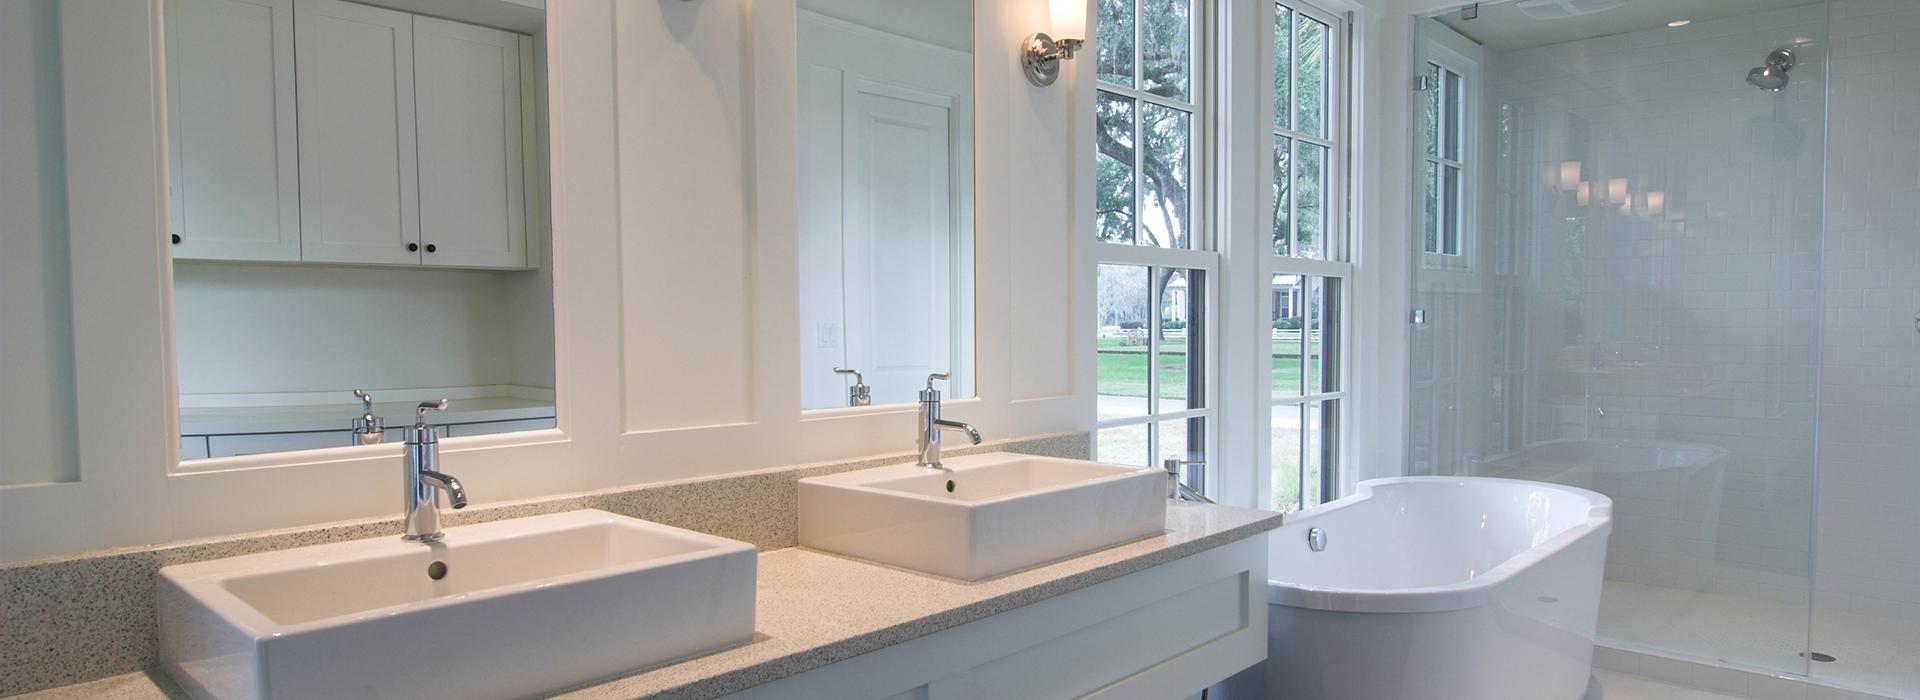 modern_plumbing